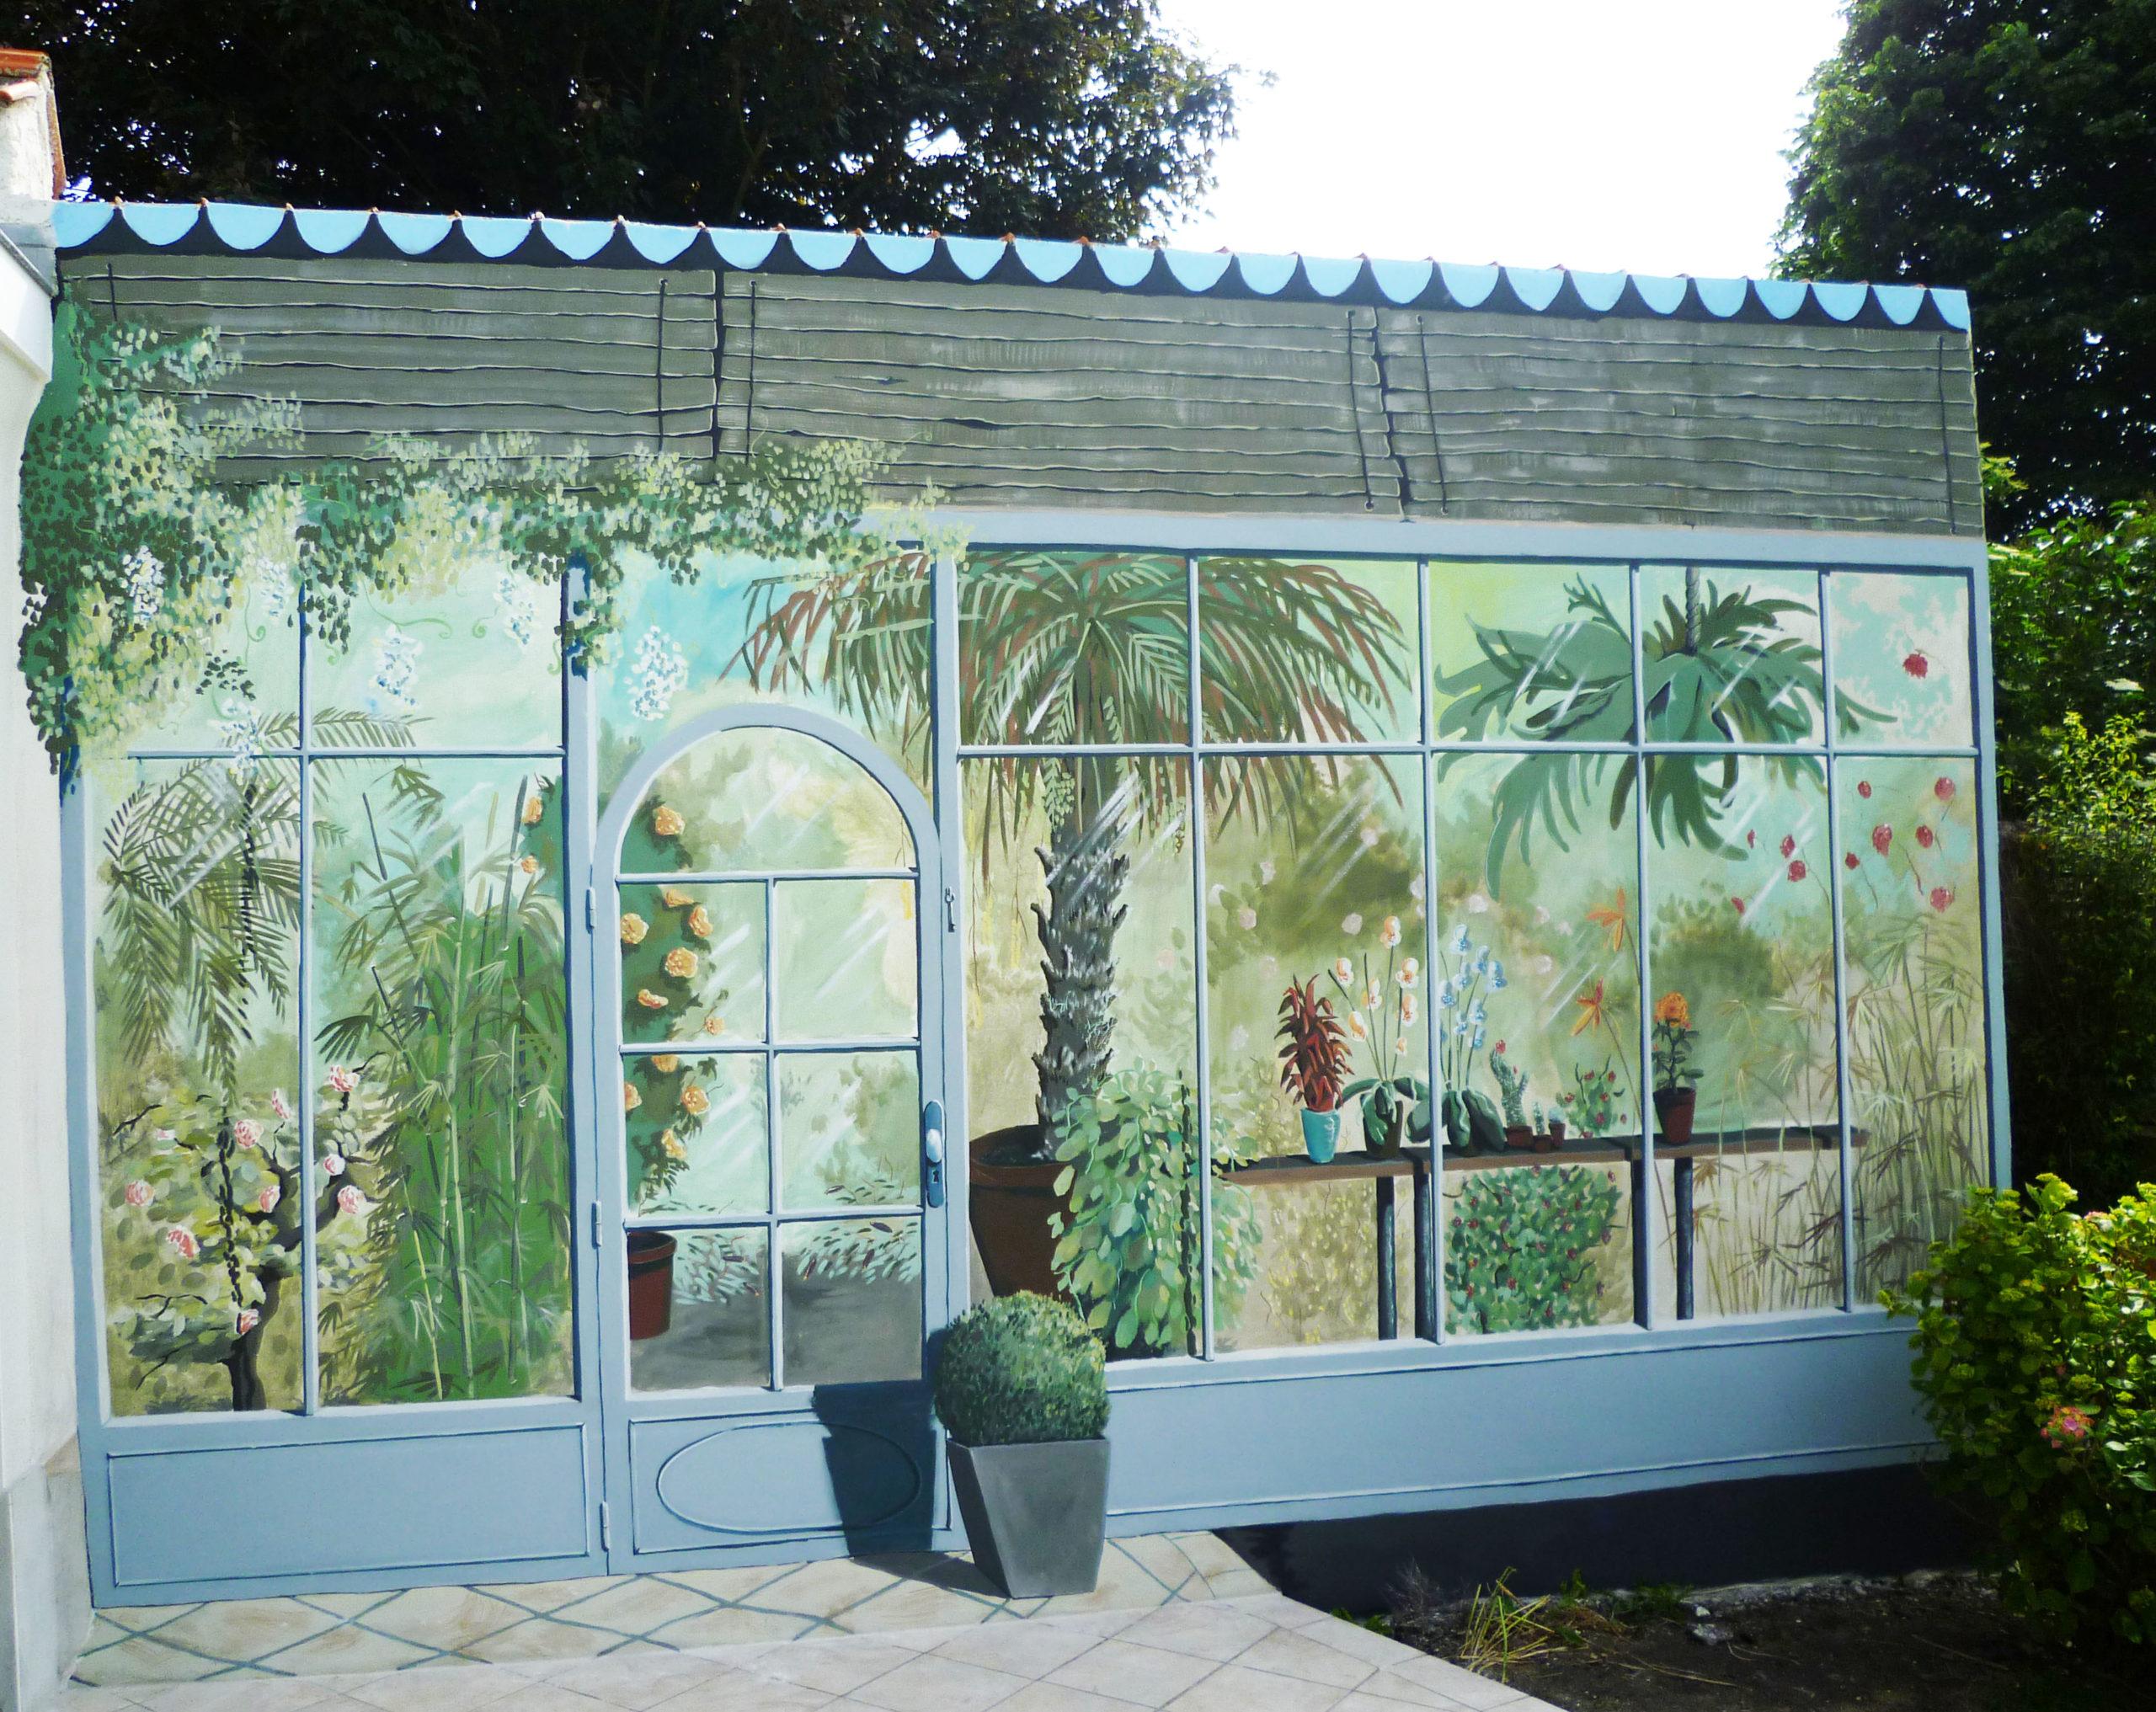 Décor peint de jardin d'hiver sur une terrasse